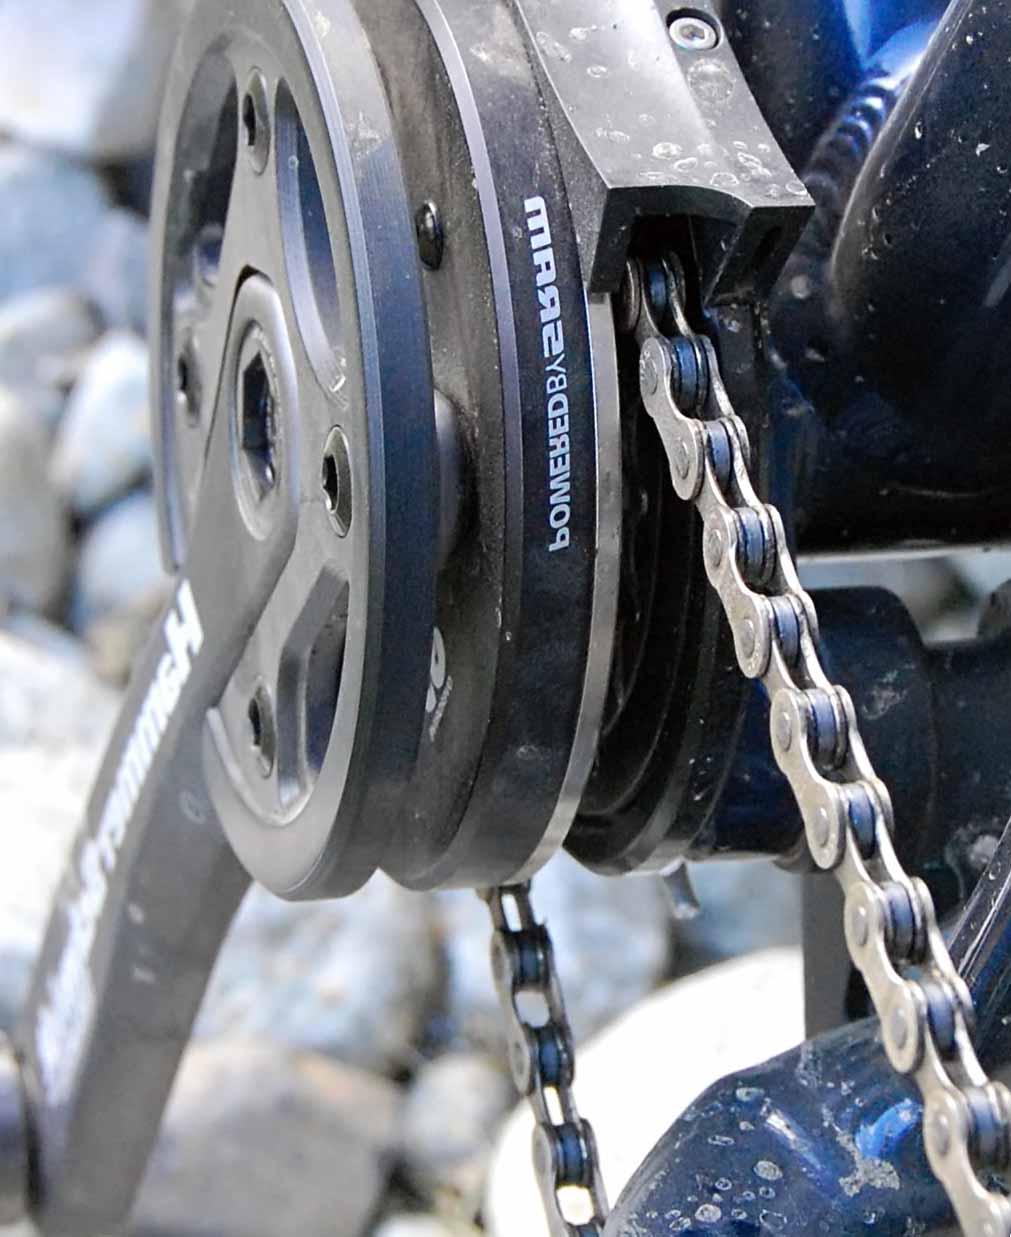 Передняя система переключения передач Truvativ HammerSchmidt